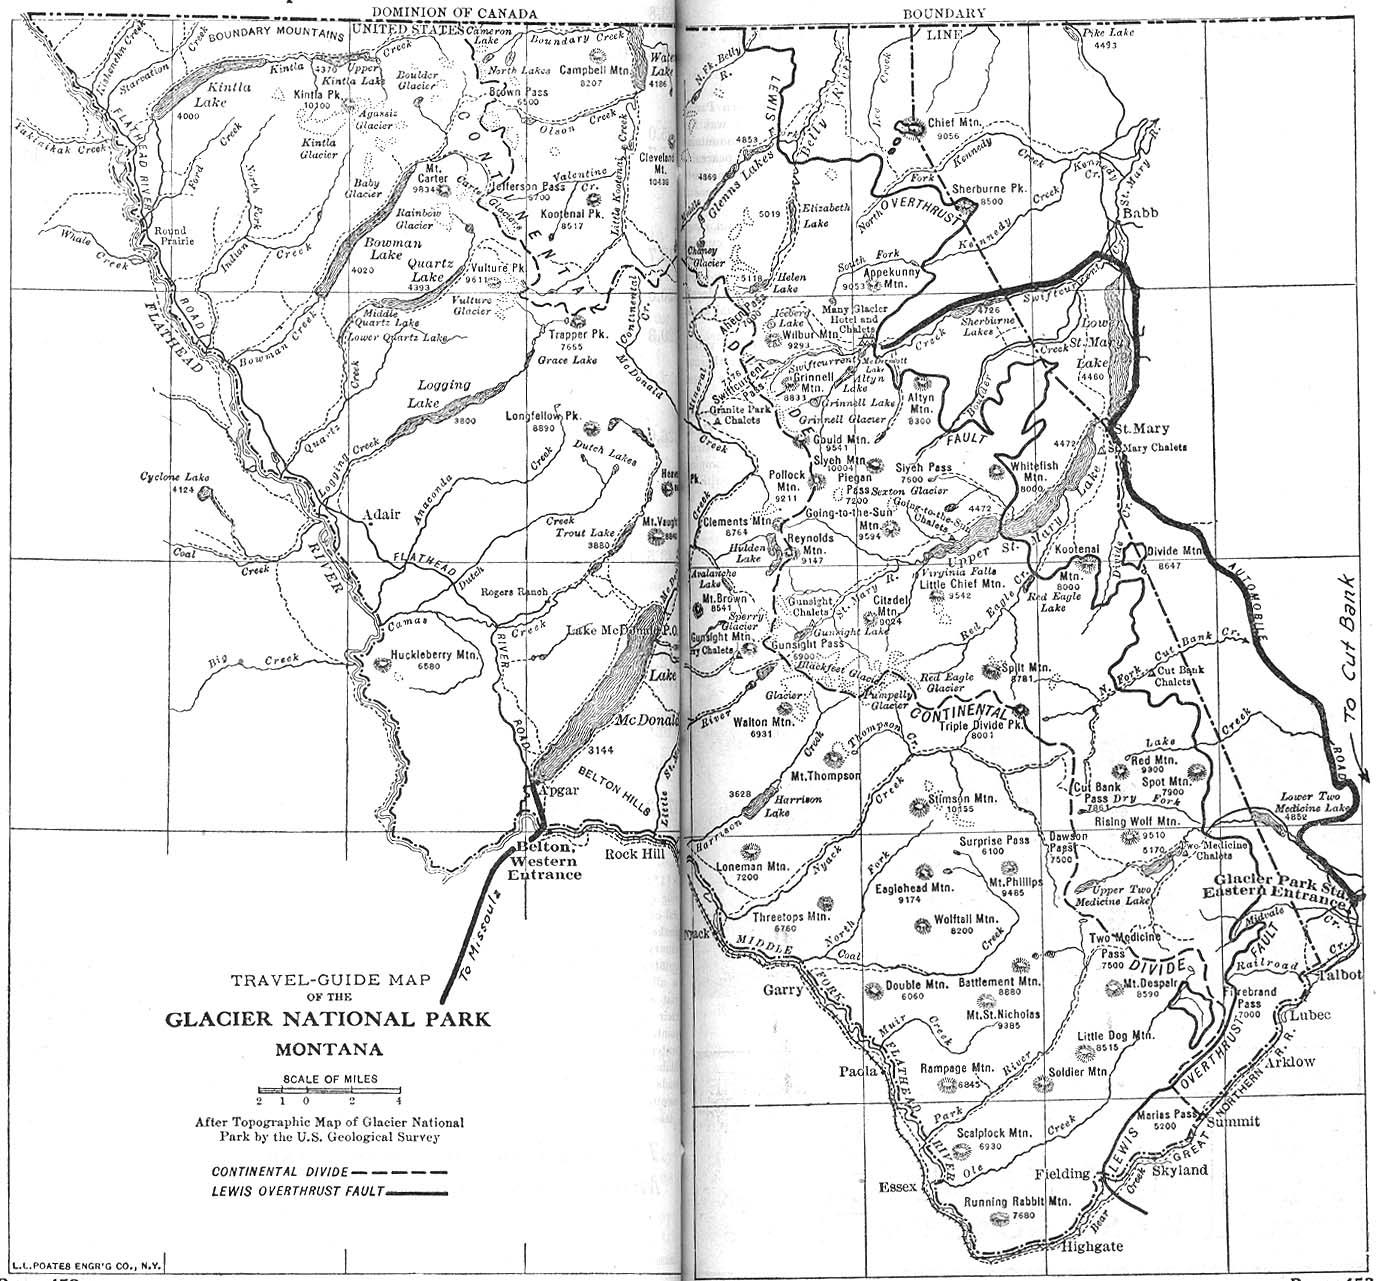 Mapa del Parque Nacional Glacier, Montana, Estados Unidos 1917